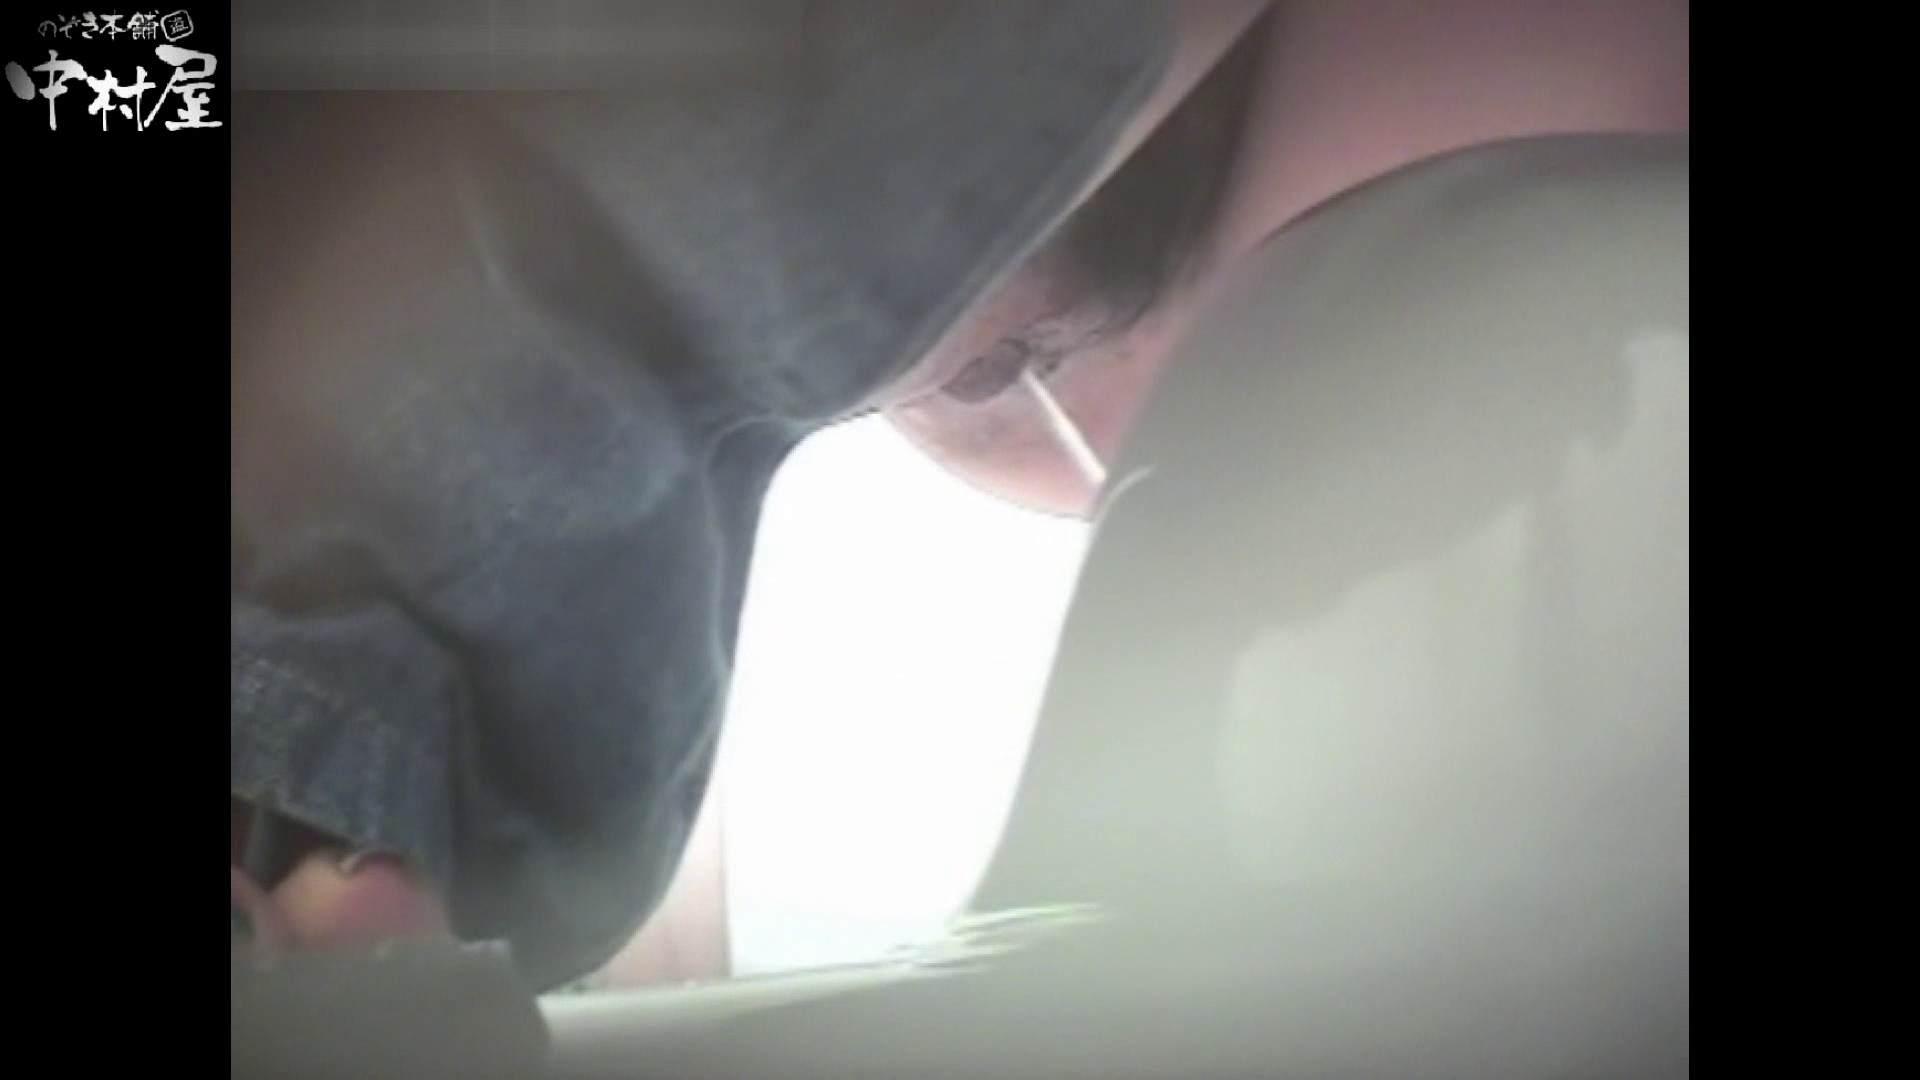 解禁!海の家4カメ洗面所vol.29 ギャルのエロ動画 | 洗面所編  83PIX 37